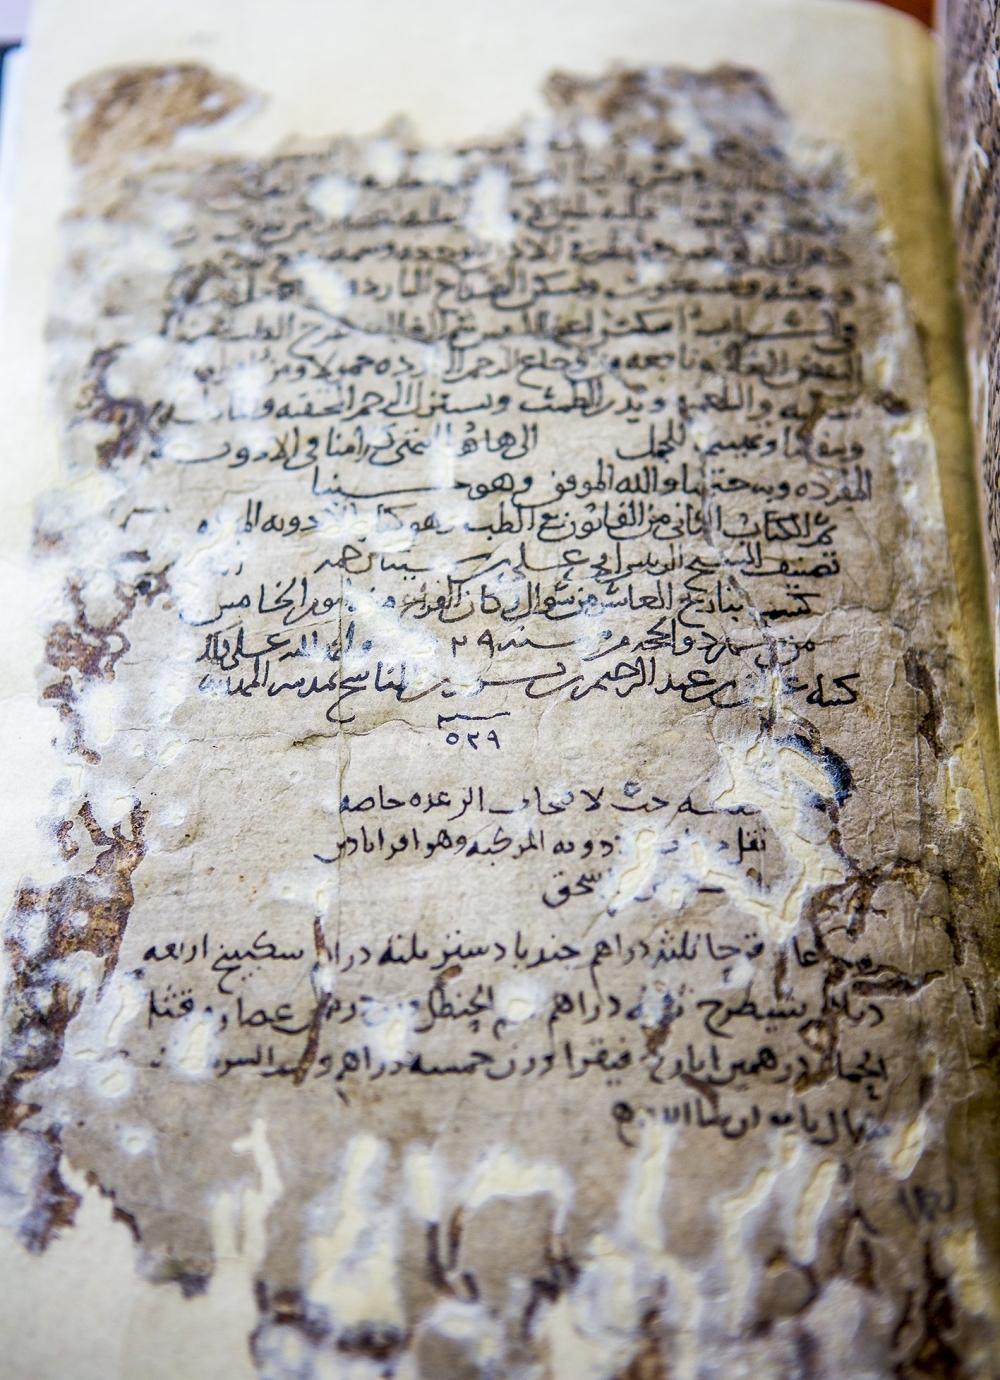 İbn-i Sina'nın eserinin 880 yıllık nüshası restore edildi 4